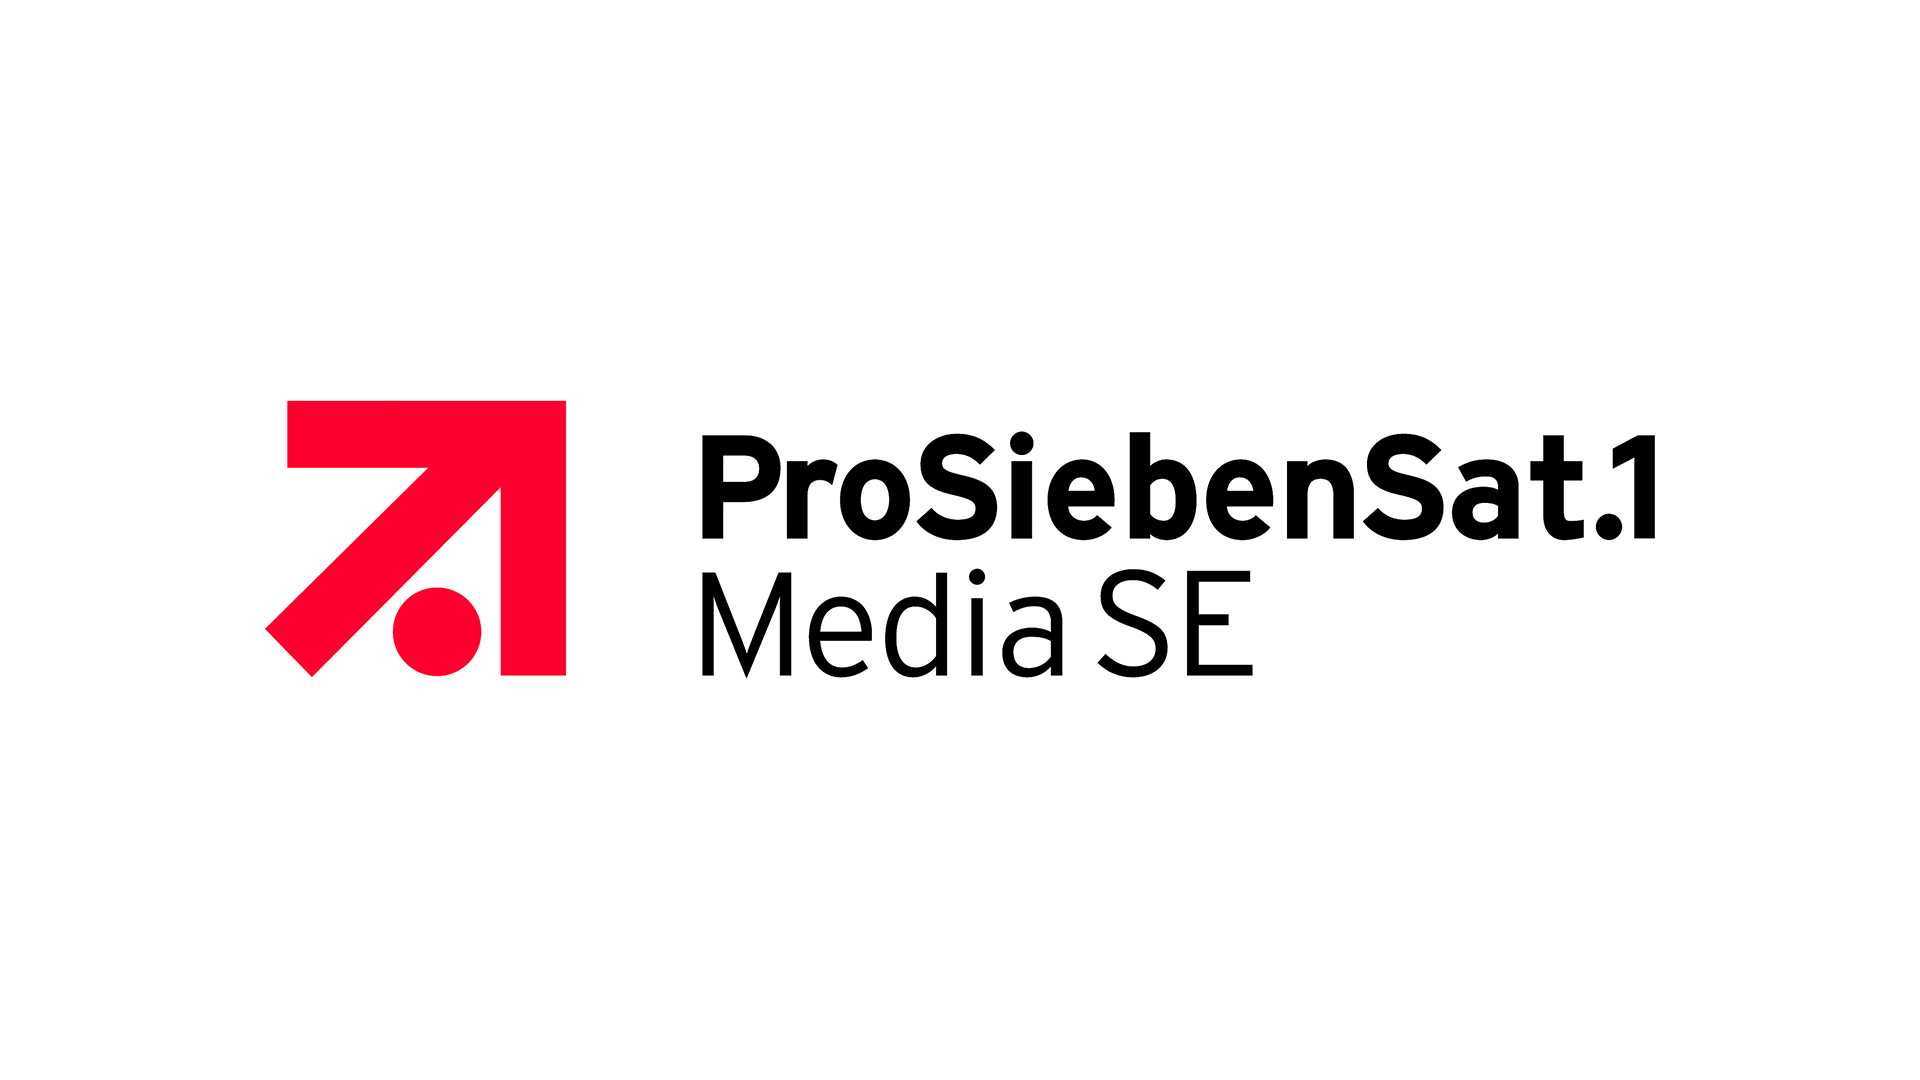 Company logo: prosiebensat1 media se